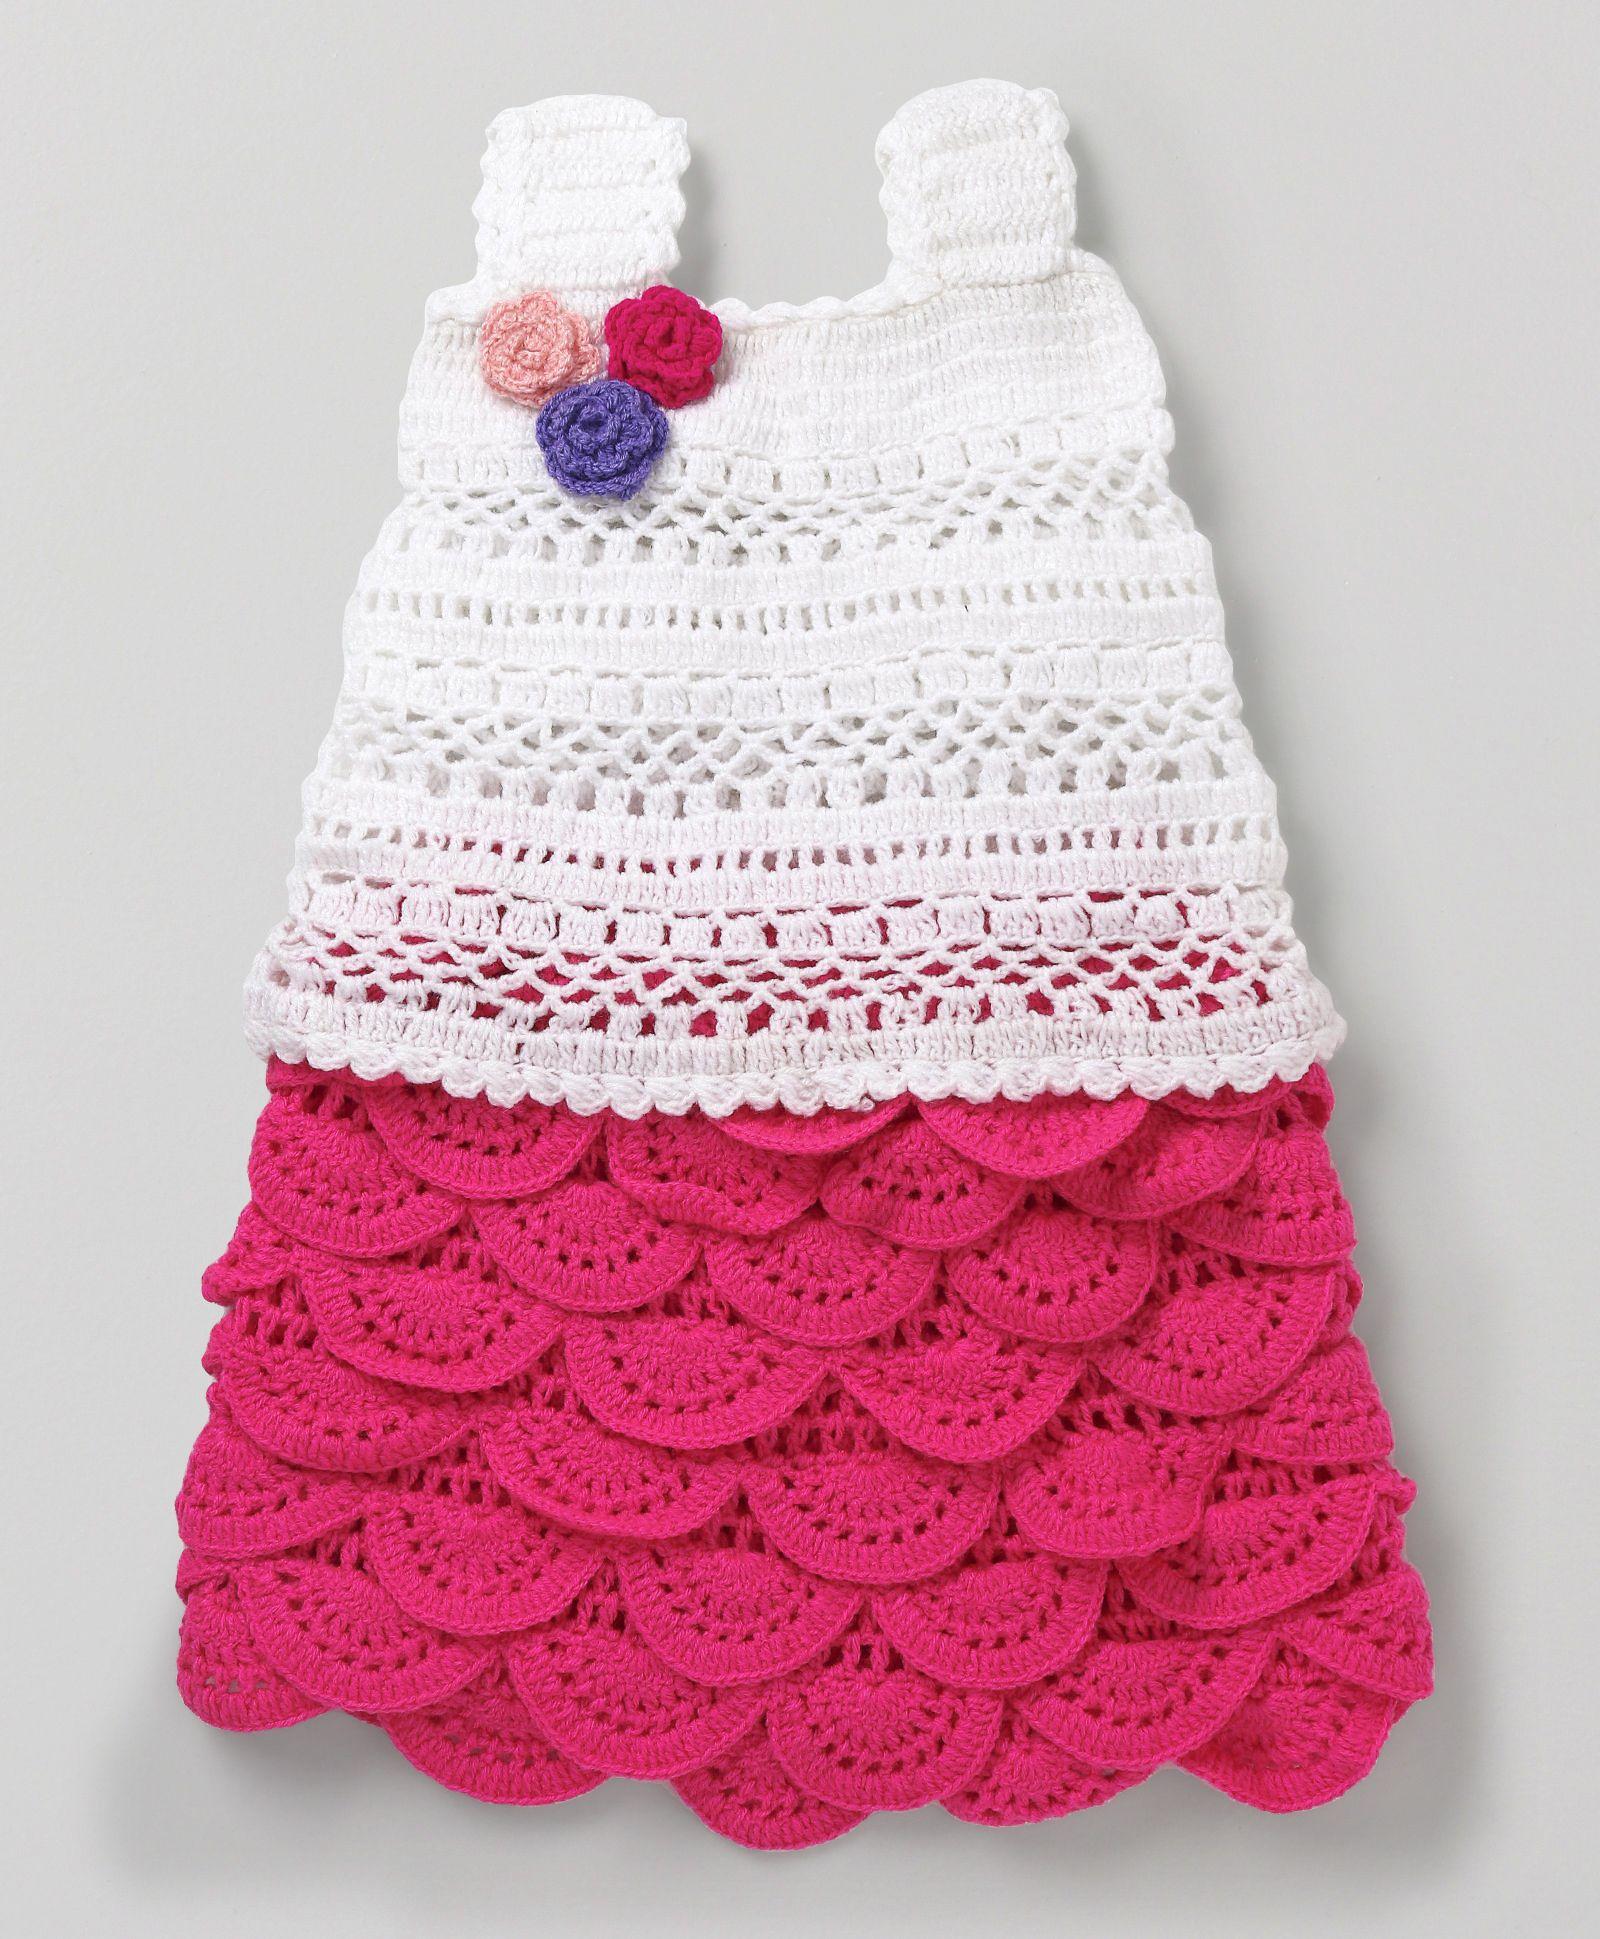 Crochet Dresses For Baby Girl Online India Saddha